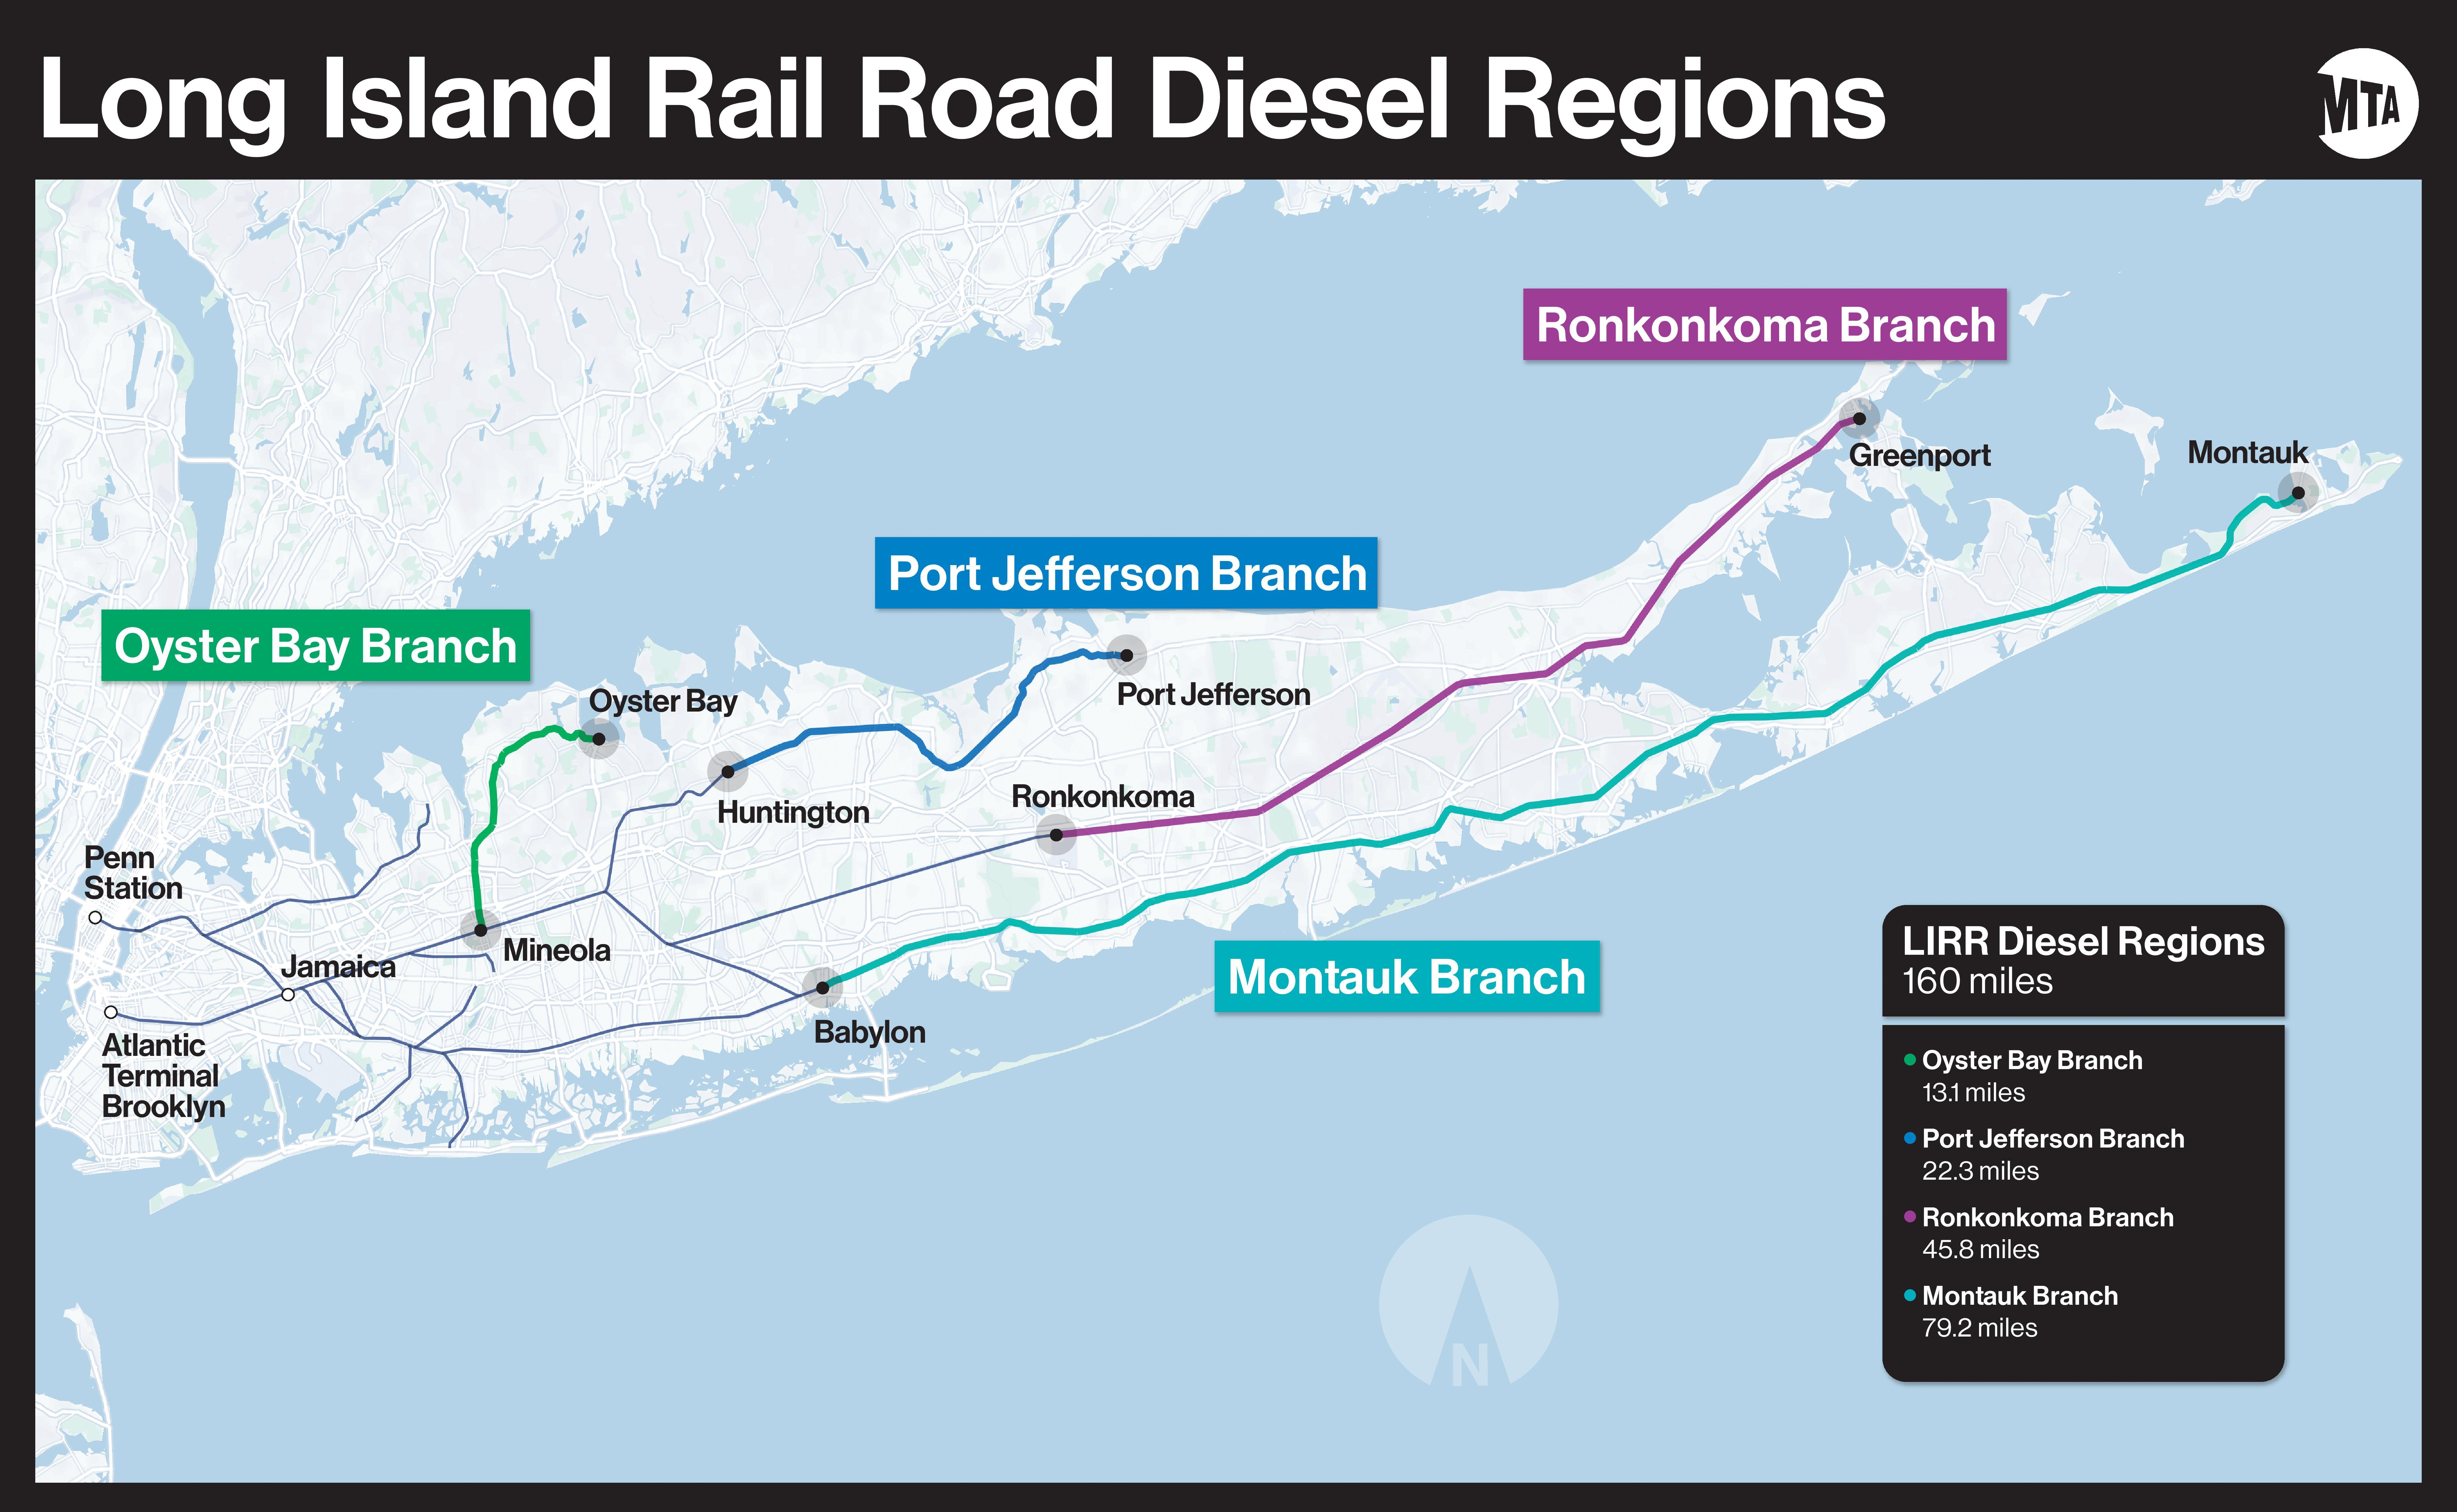 LIRR_Diesel_Regions_Map.jpg